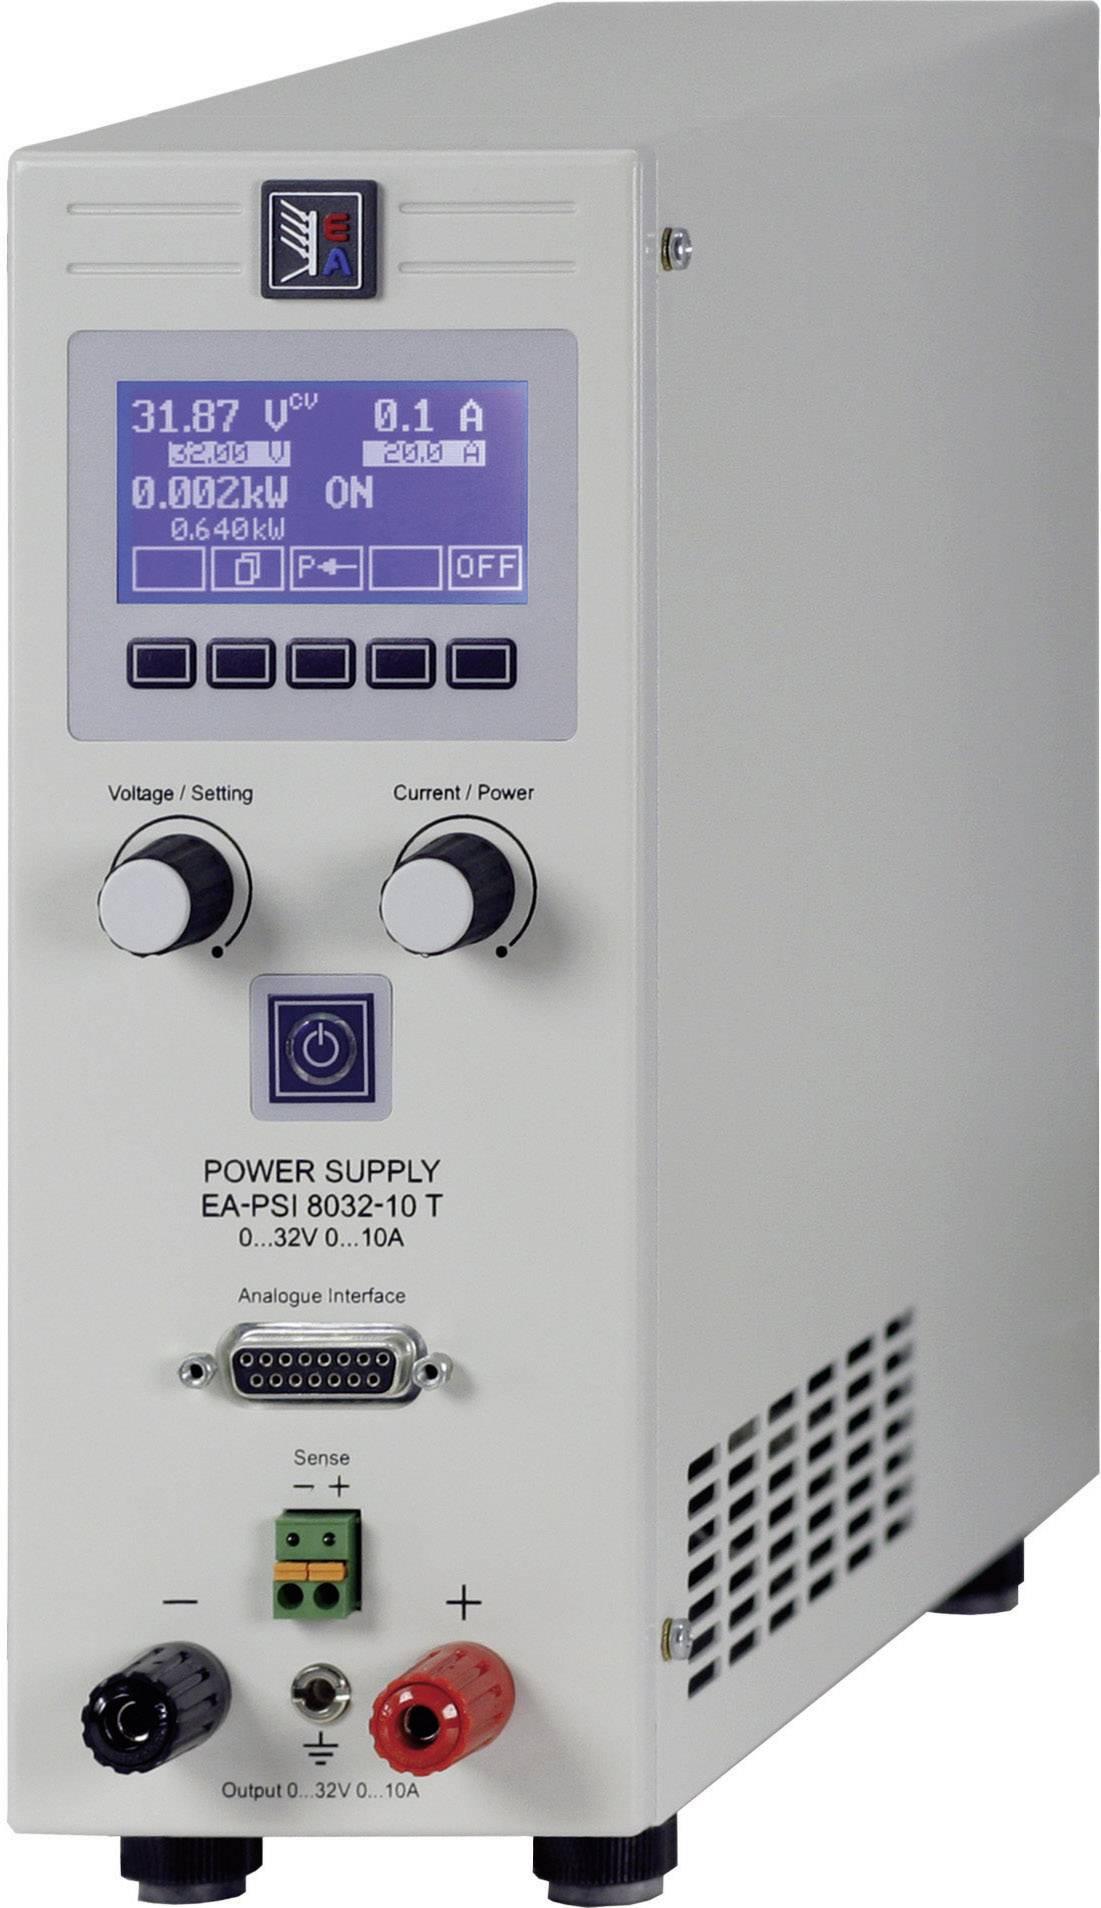 Laboratorní síťový zdroj EA-PSI 8080-60 T, 0 - 80 V/DC, 60 - 60 A, 1500 W